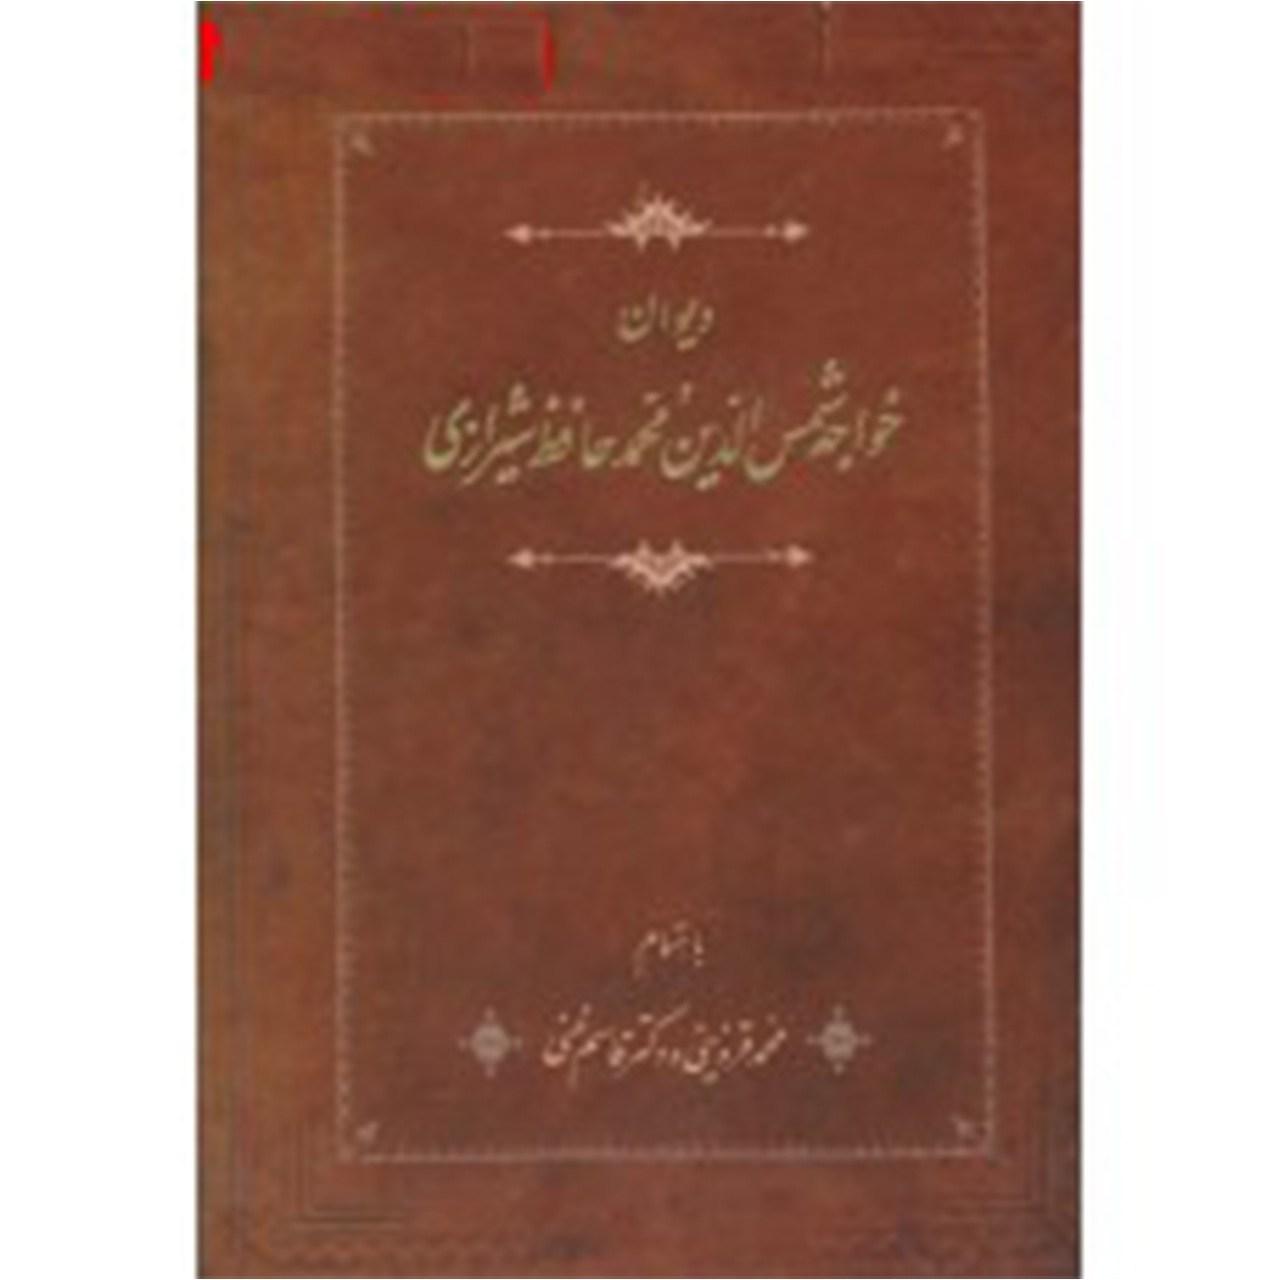 کتاب دیوان خواجه حافظ شیرازی